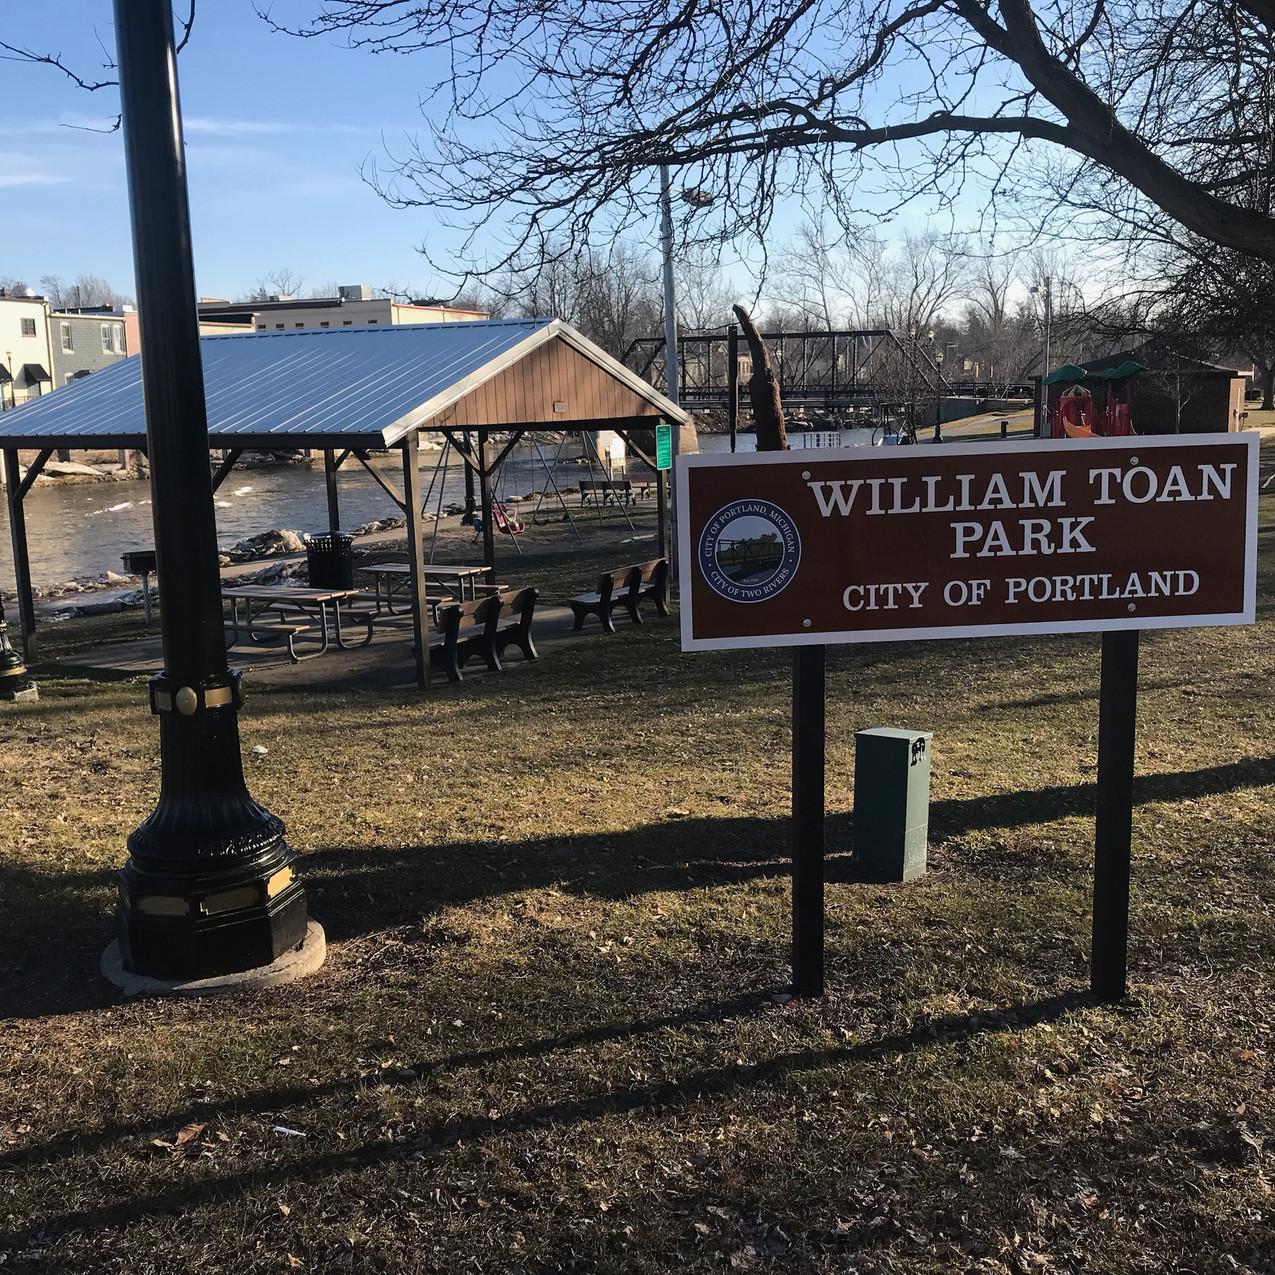 William Toan Park